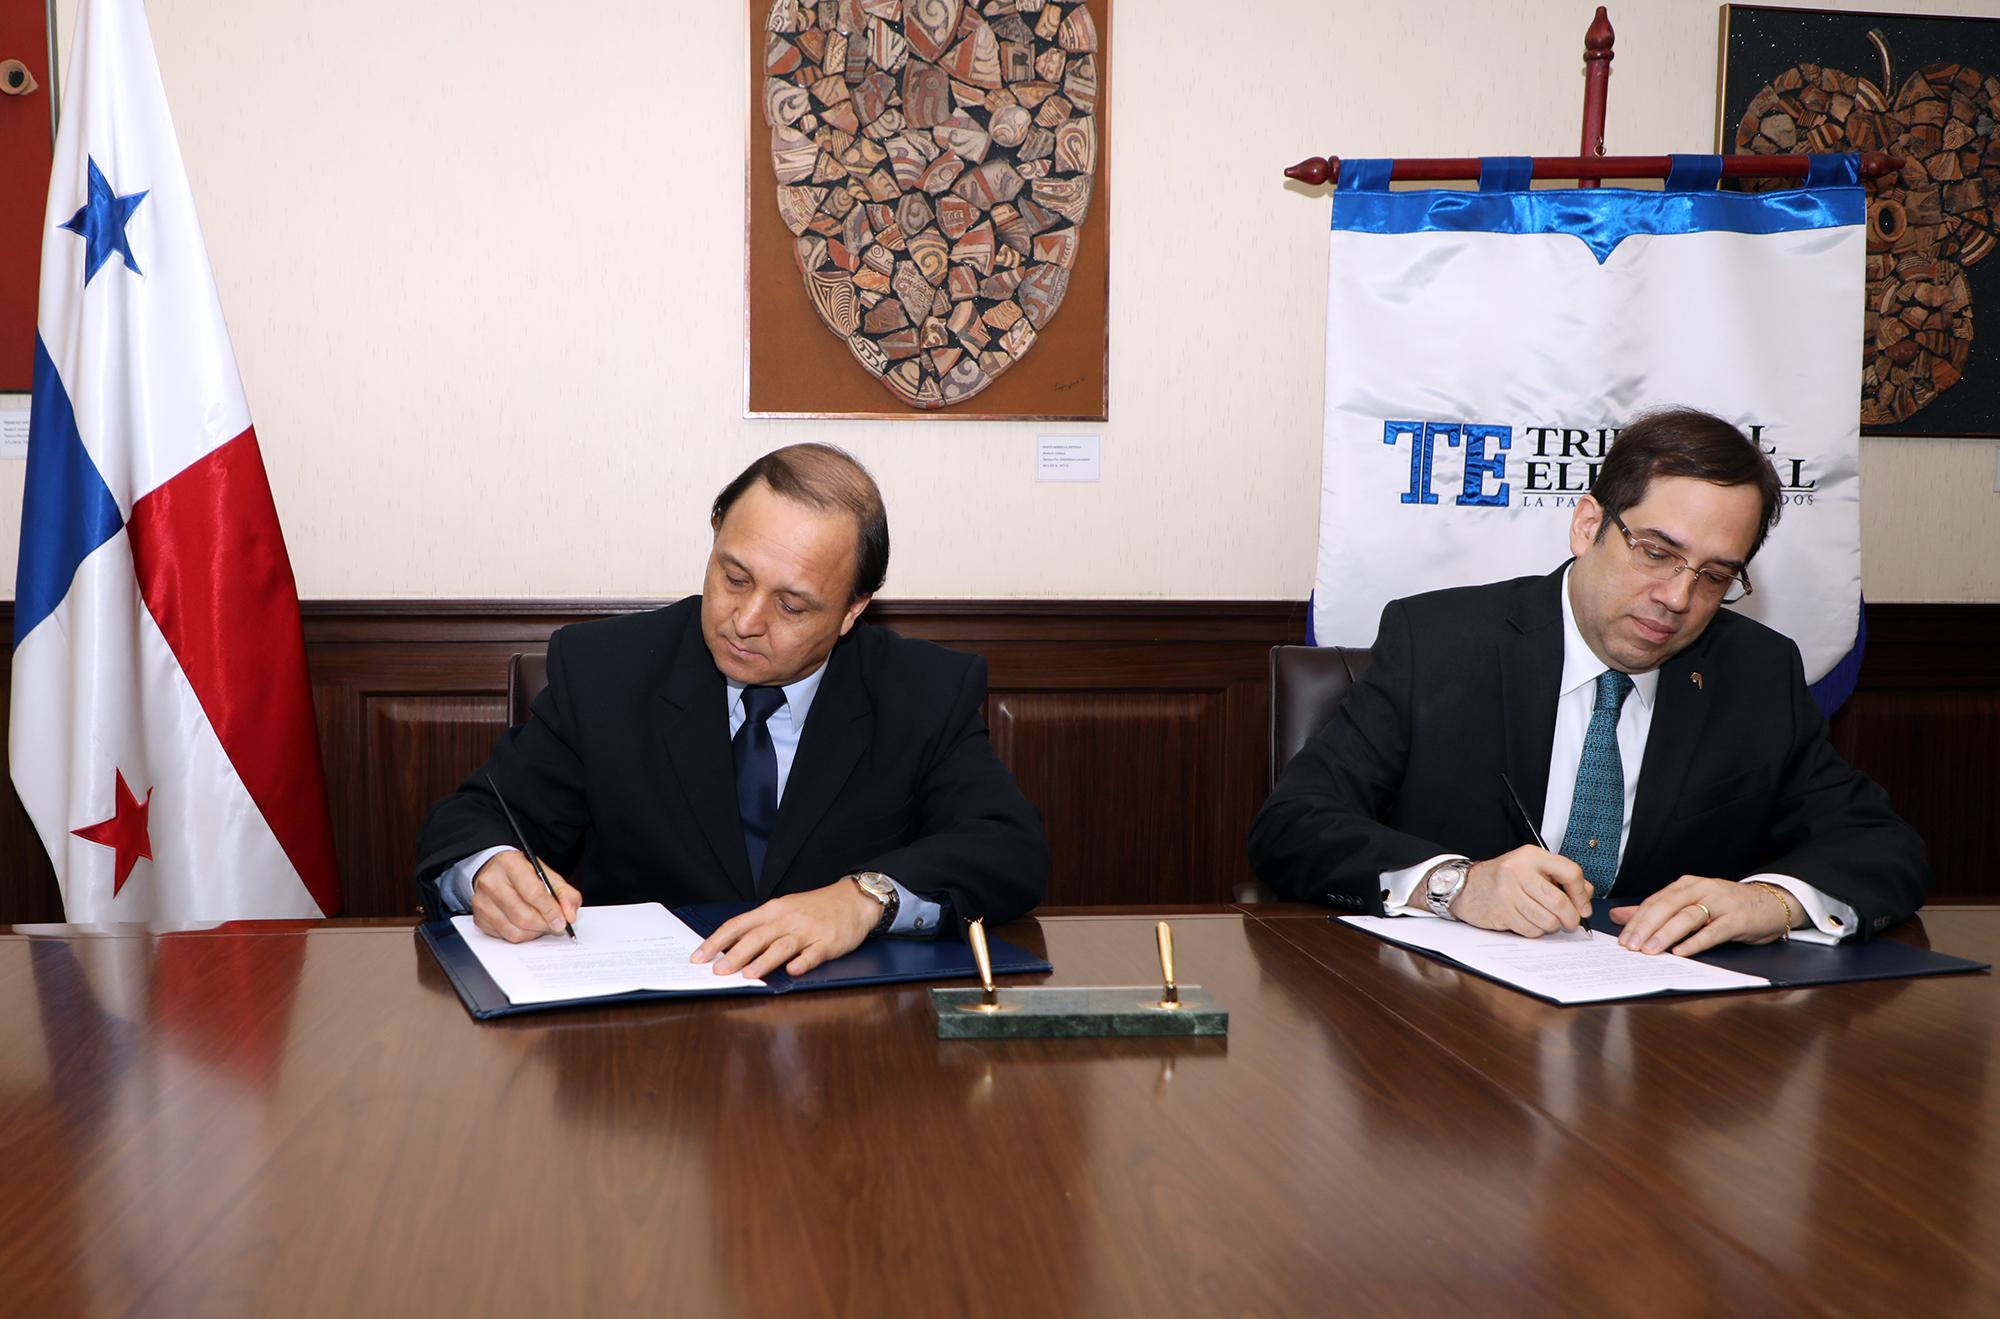 TE y BNP firman convenio para apertura y manejo de las cuentas de campañas